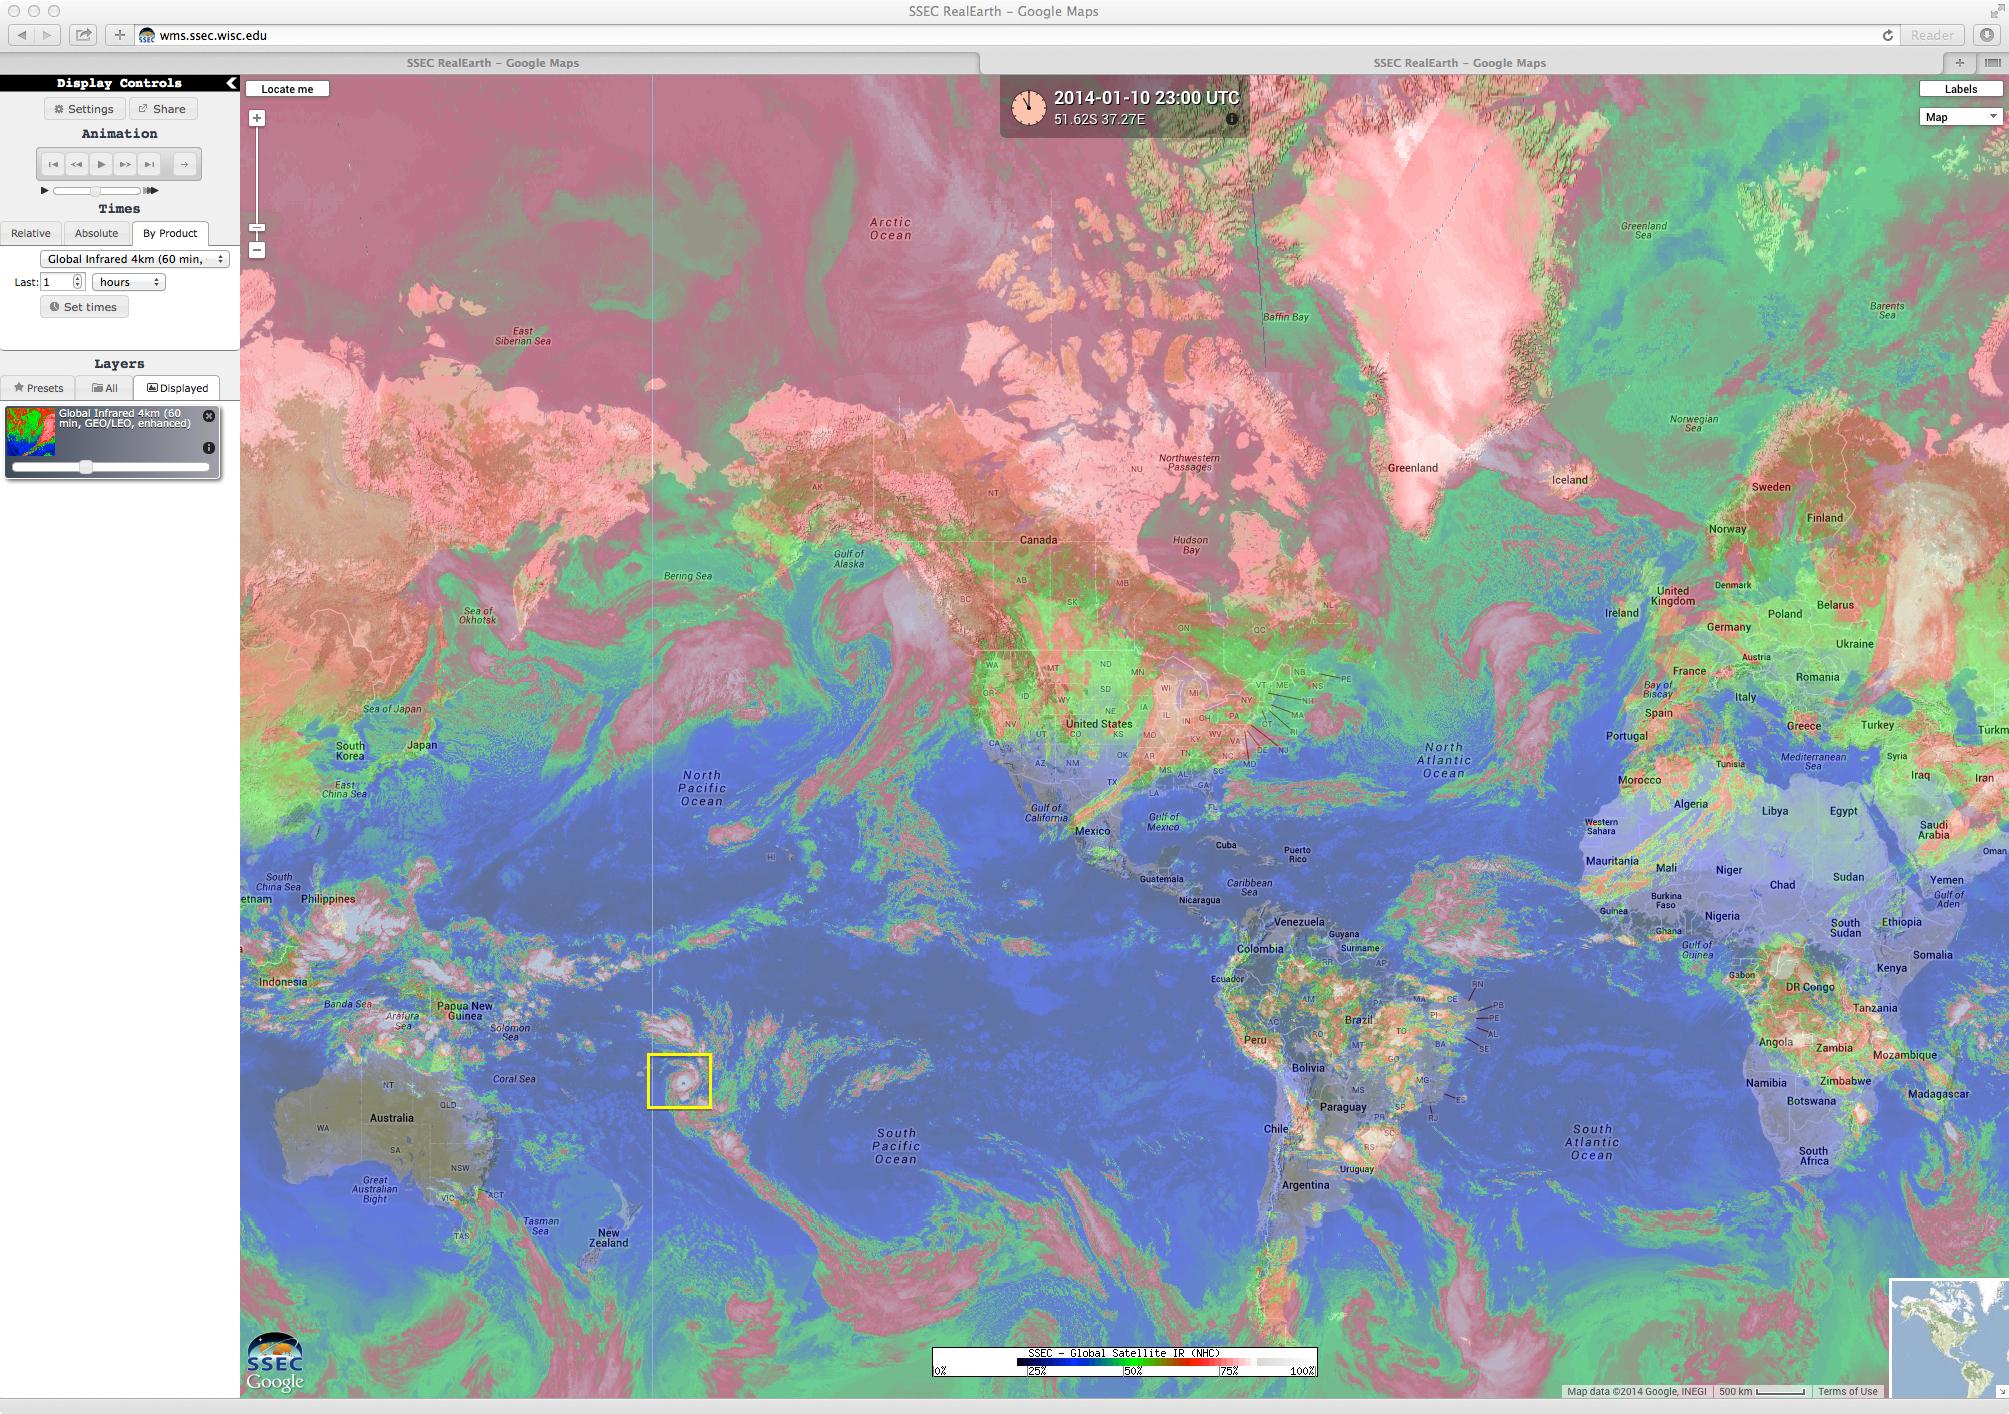 Global IR image composite